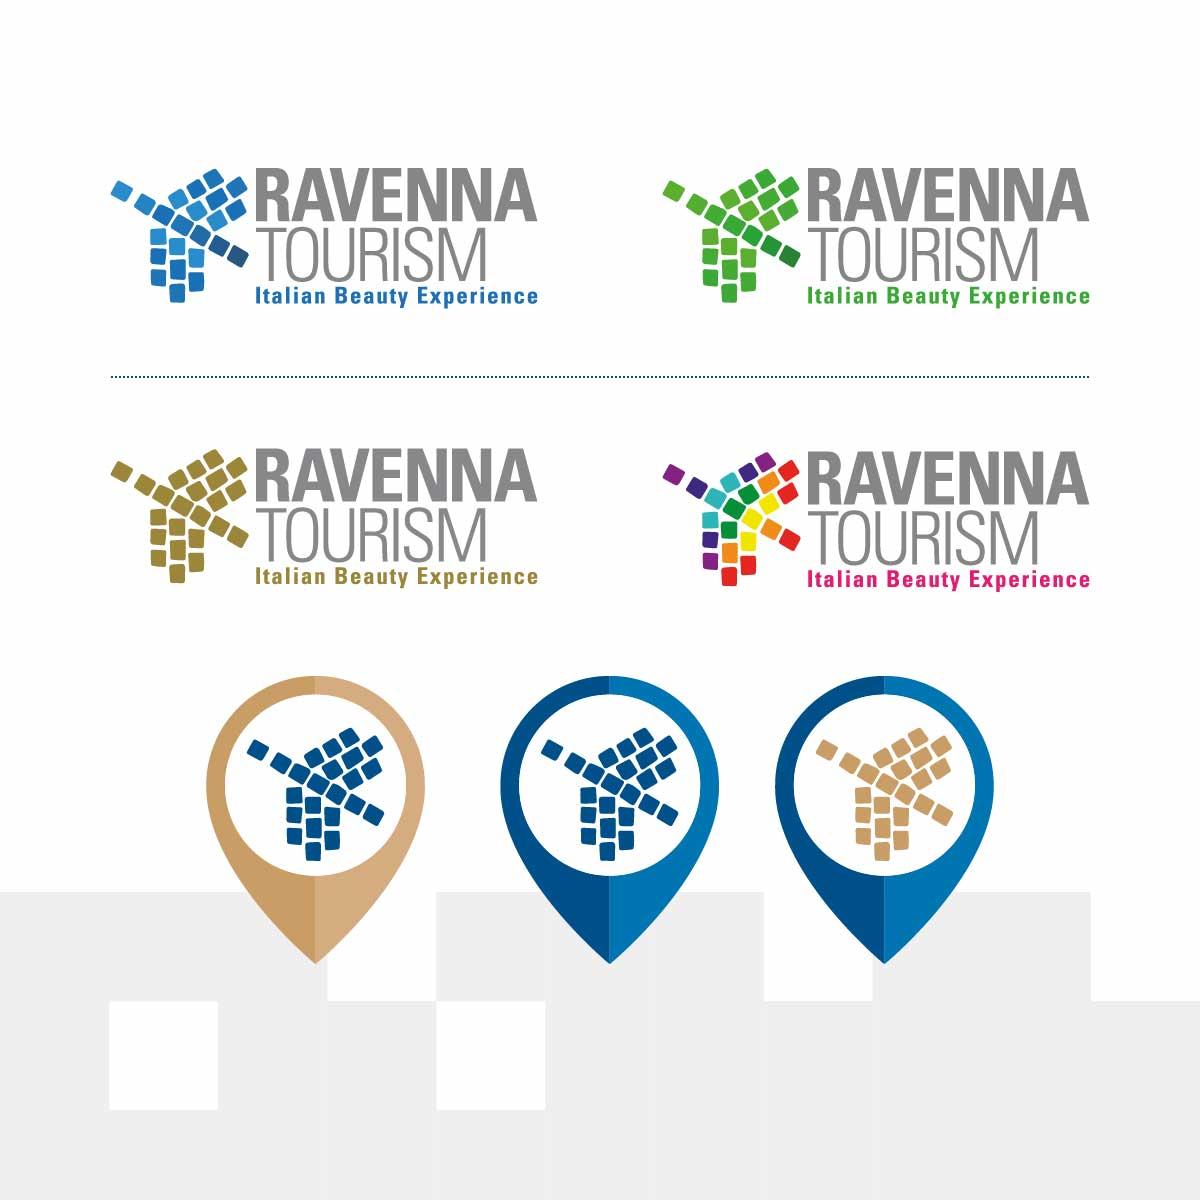 comune-di-ravenna-marketing-turismo-branding-2